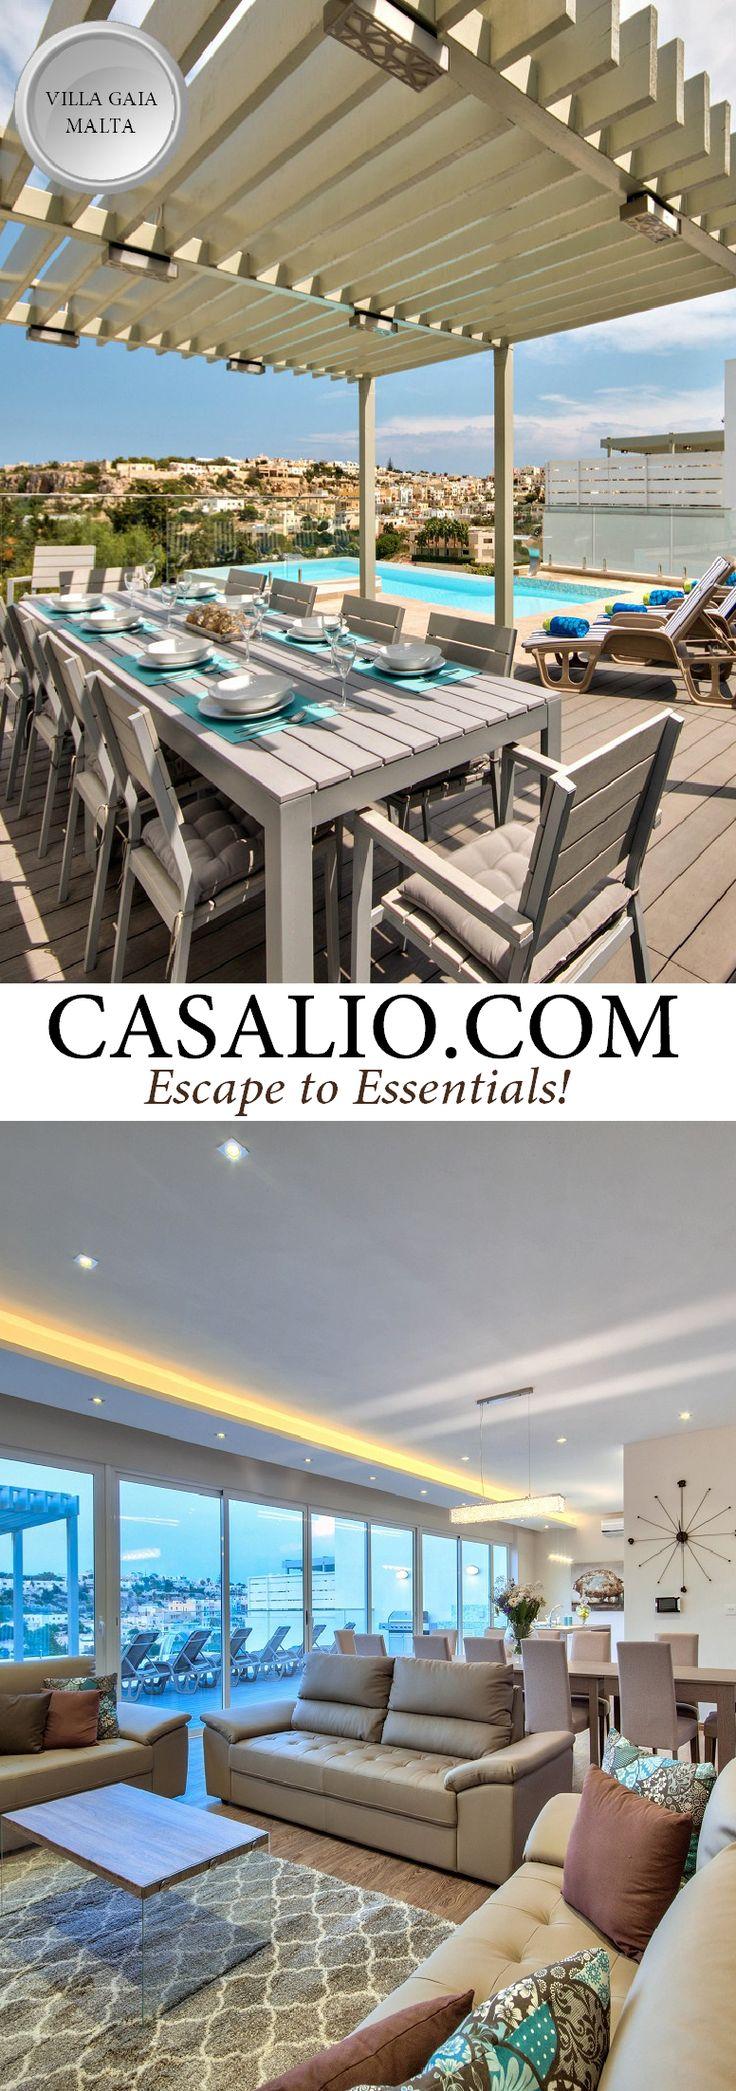 Luxury Villa Rental VILLA GAIA in Mallieha, Malta. exclusive location of Mellieha, this four-bedroom, brand new, contemporary villa #villarental #casalio #casaliotravel #luxuryvilla #luxusvillen #luxury #villa #ferienvilla